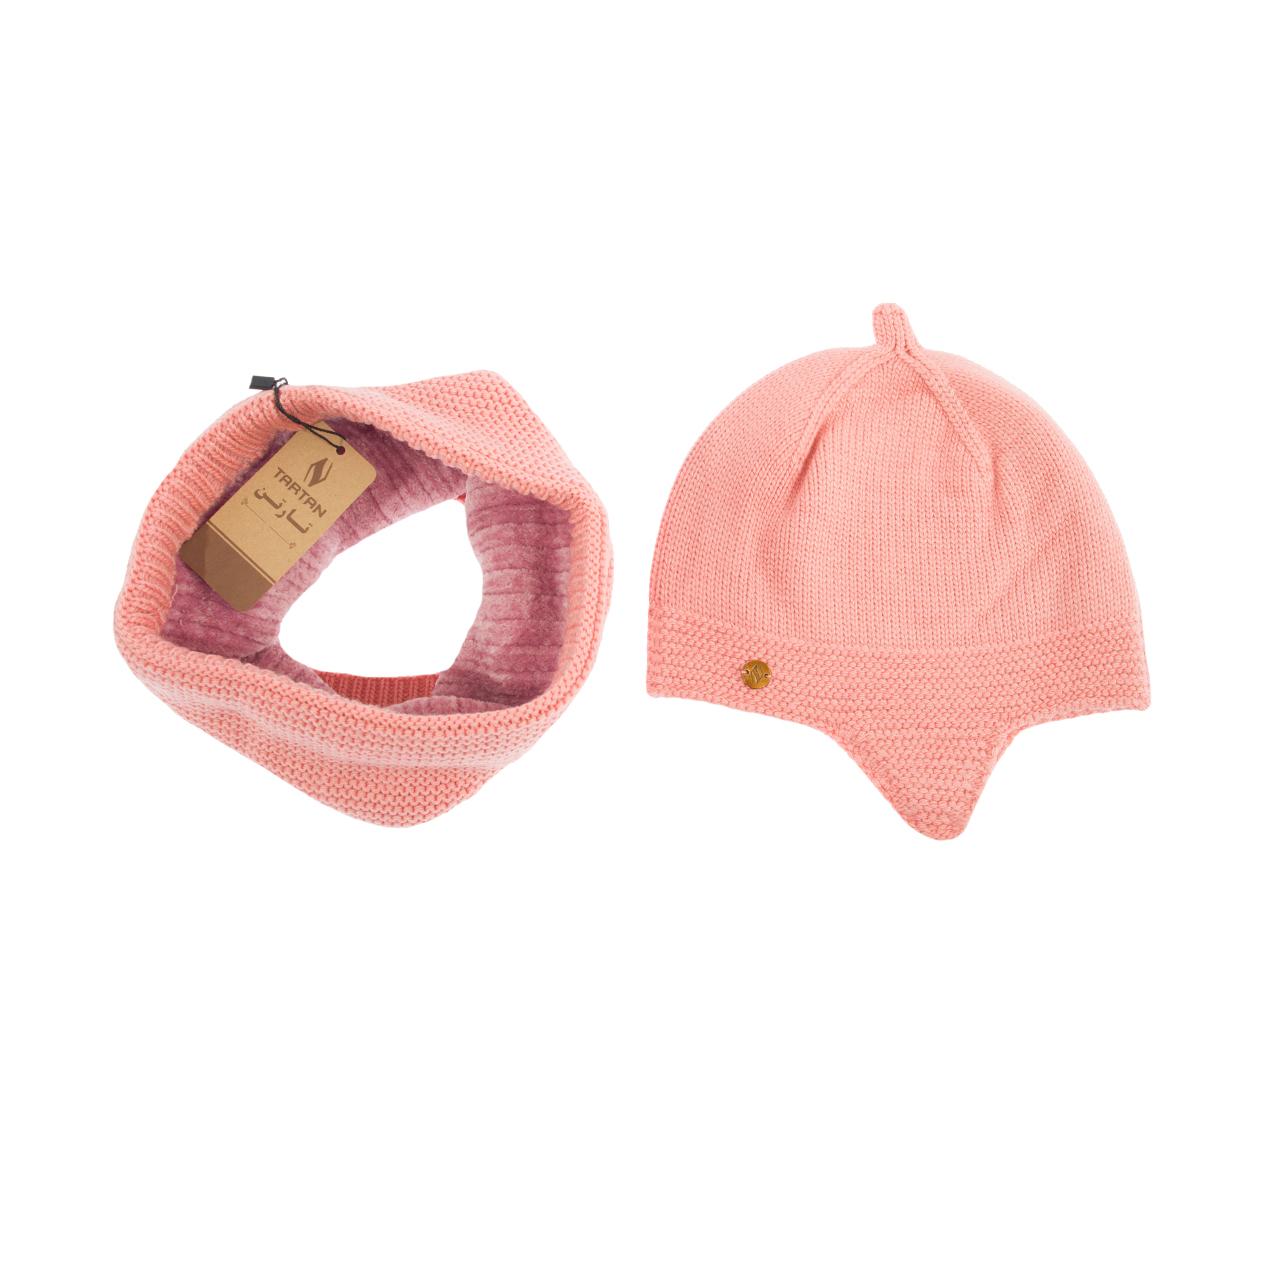 ست کلاه و شال گردن بافتنی تارتن مدل 70016 رنگ صورتی